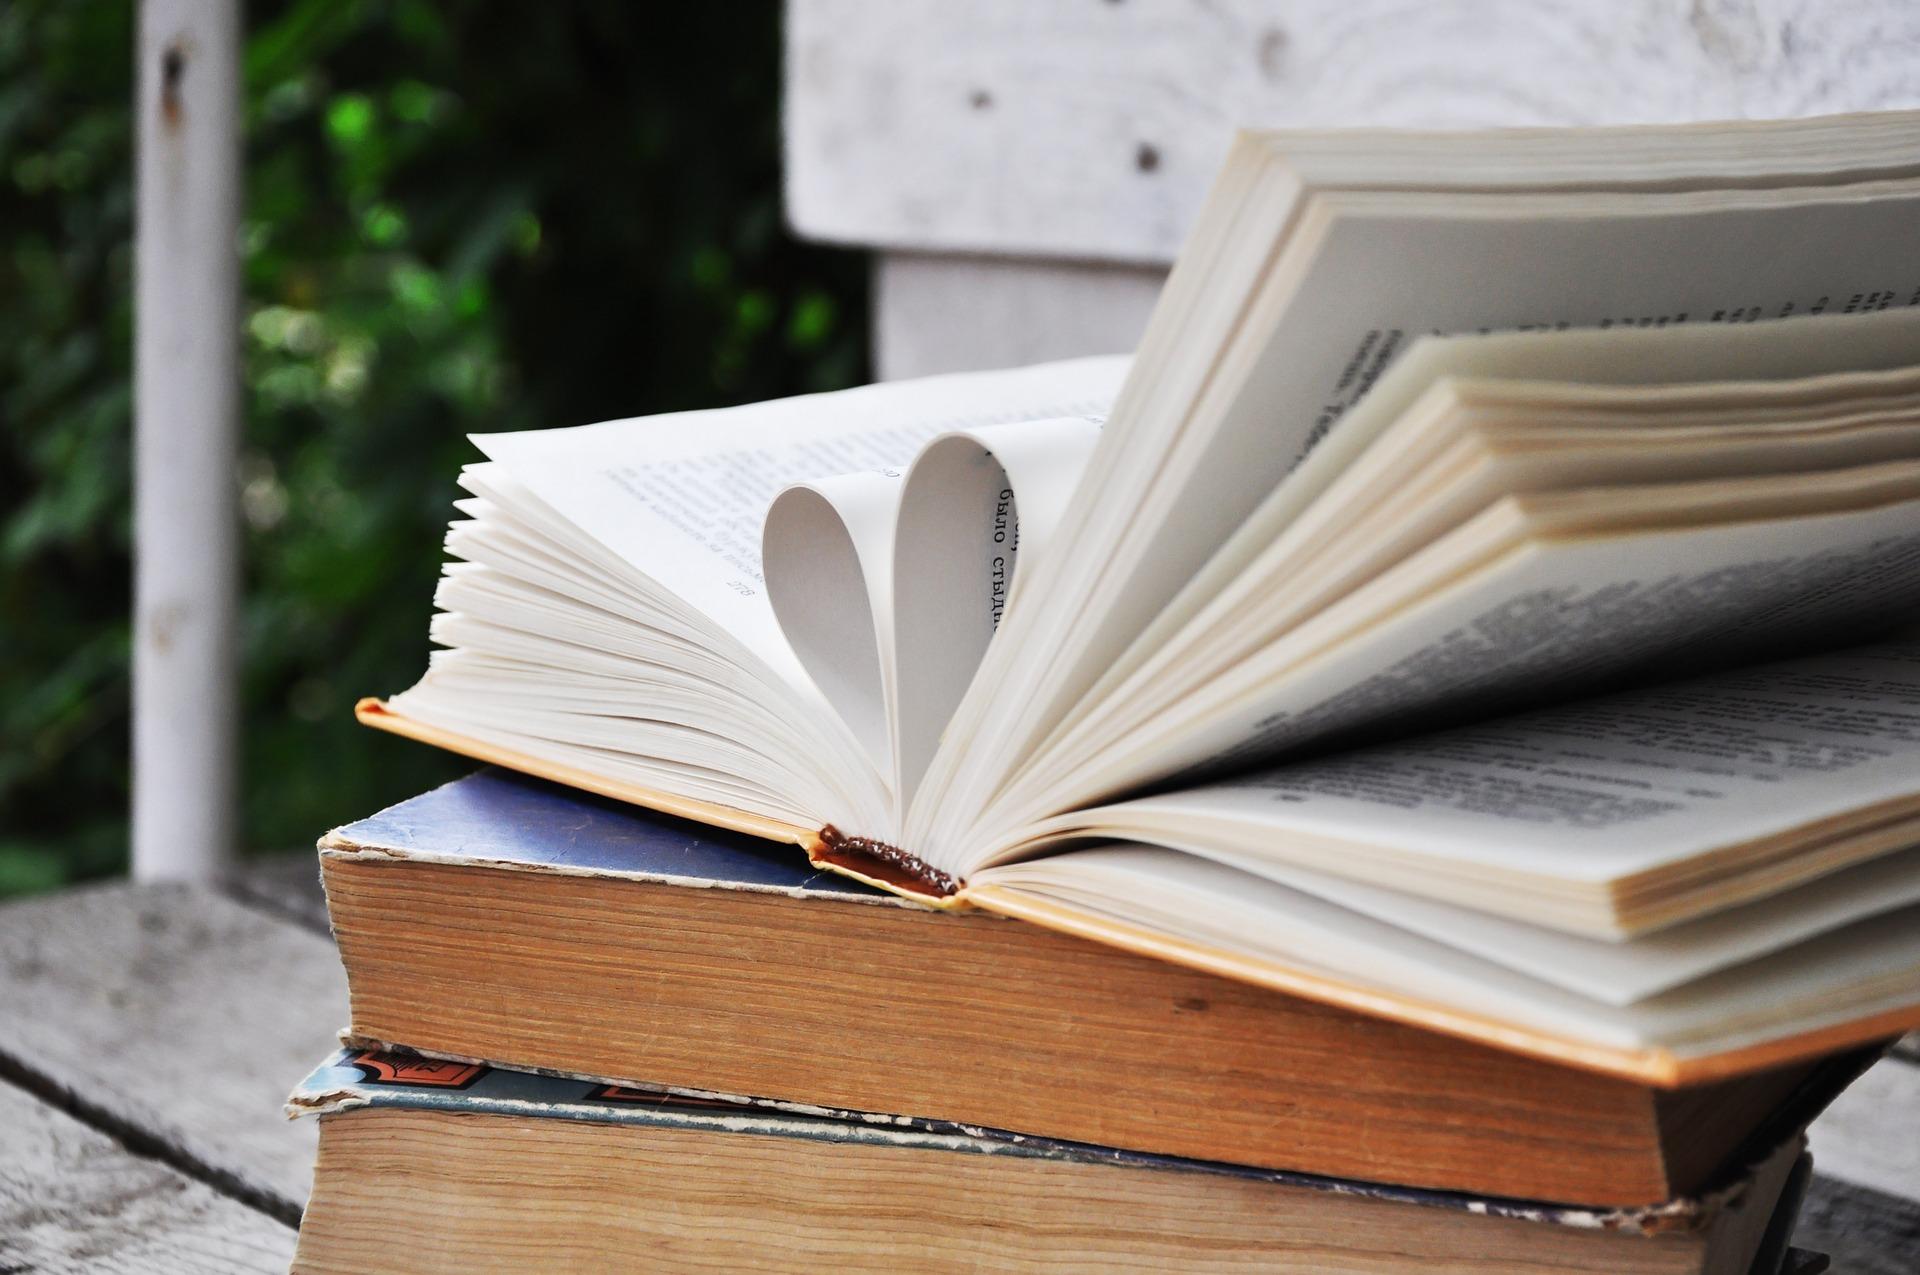 book-2415965_1920